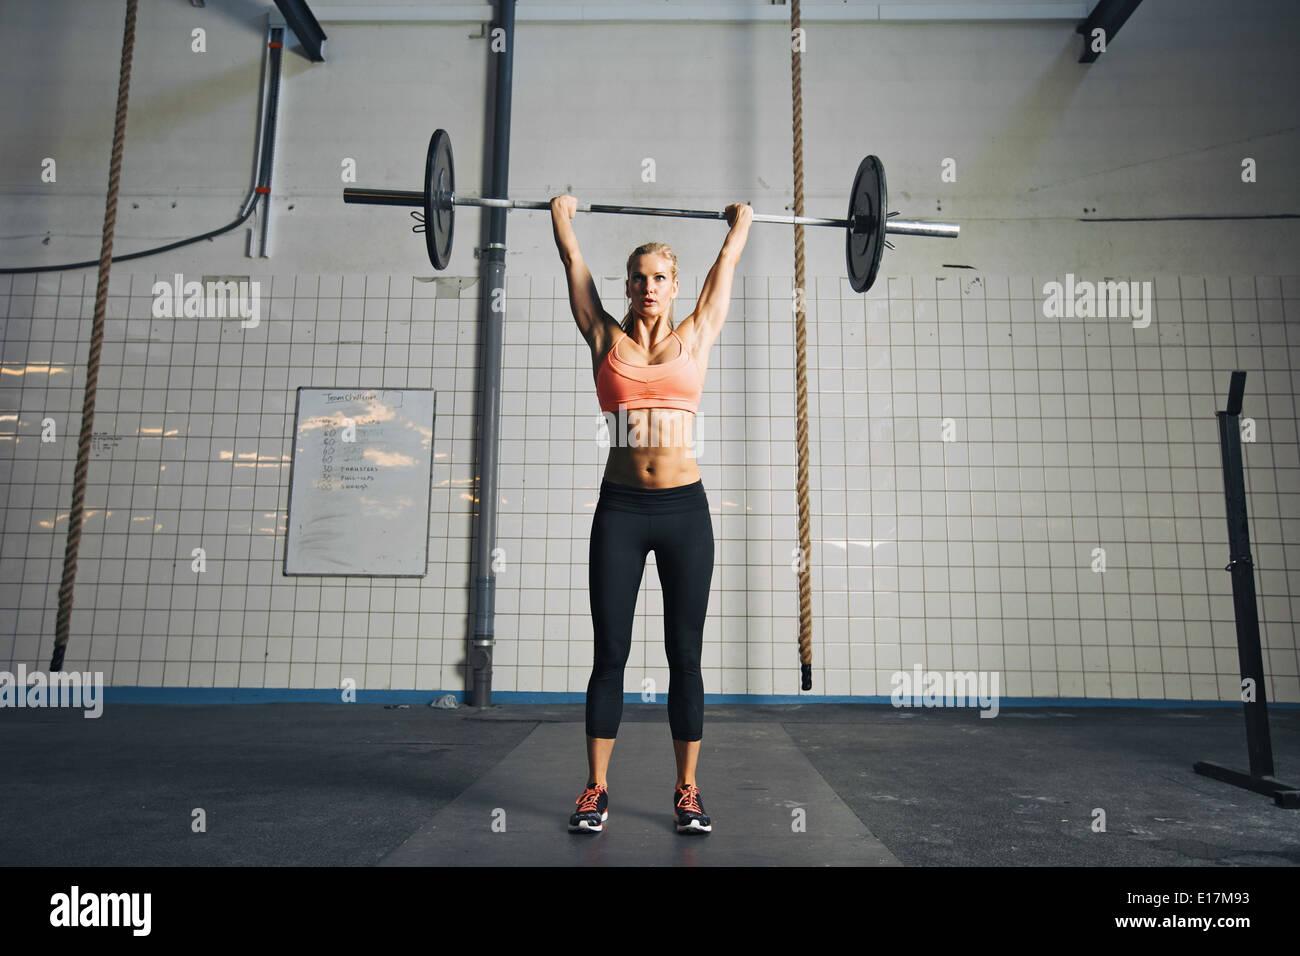 Longueur totale de l'image forte jeune femme avec des plaques de poids et haltères faire les frais généraux de l'exercice. crossfit Mettre en place l'athlète féminine. Photo Stock